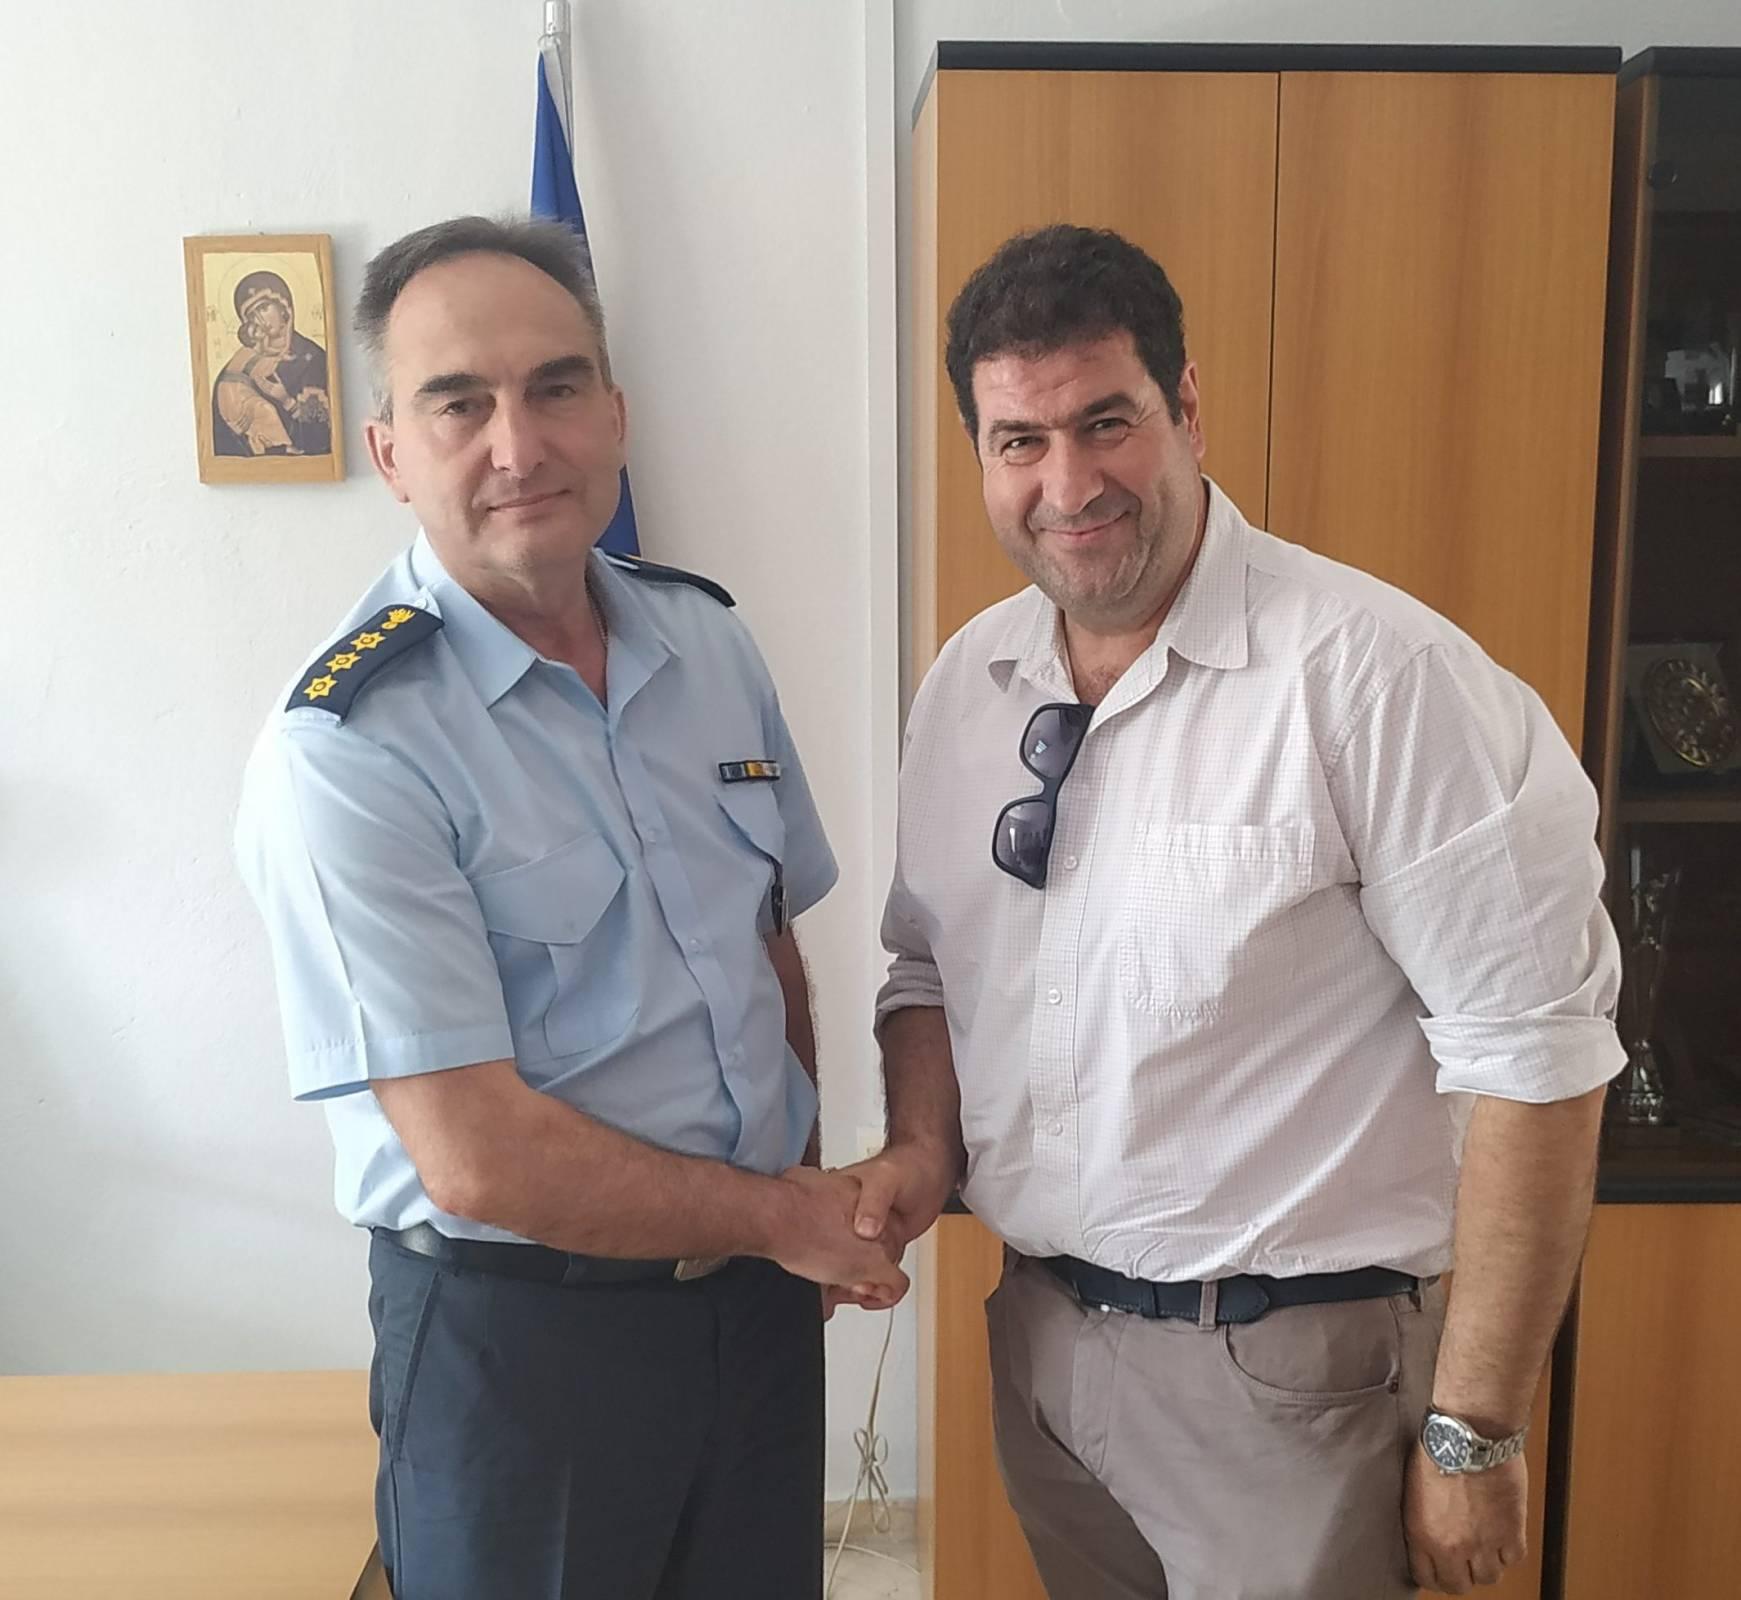 Επισκέψεις του υπ. βουλευτή Γρεβενών της Ν.Δ. Θανάση Σταυρόπουλου στο Αστυνομικό Τμήμα Γρεβενών